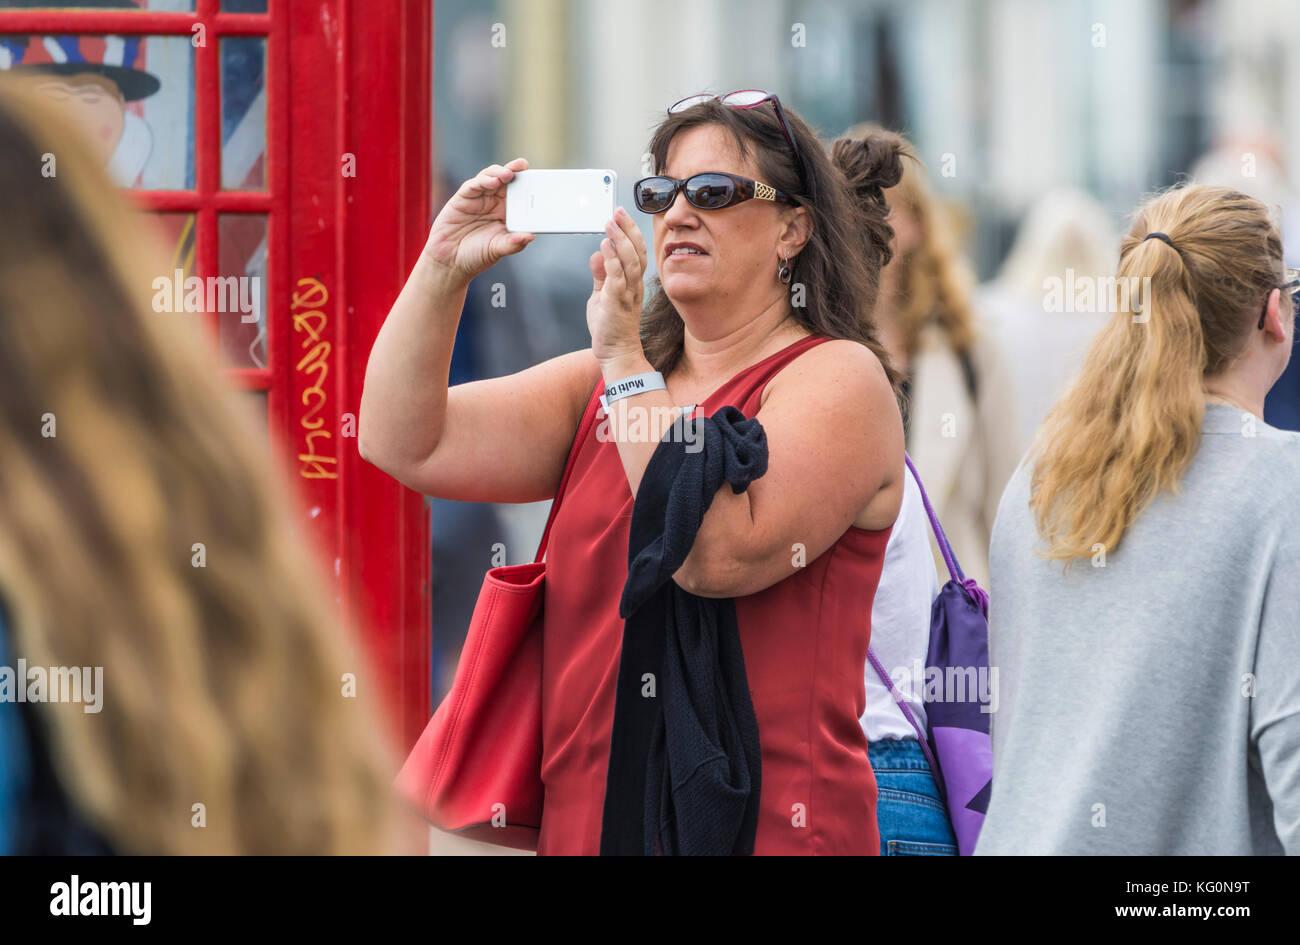 Weiße Frau touristische Bilder mit einem Smartphone Kamera in einem überfüllten Raum in Großbritannien. Stockbild